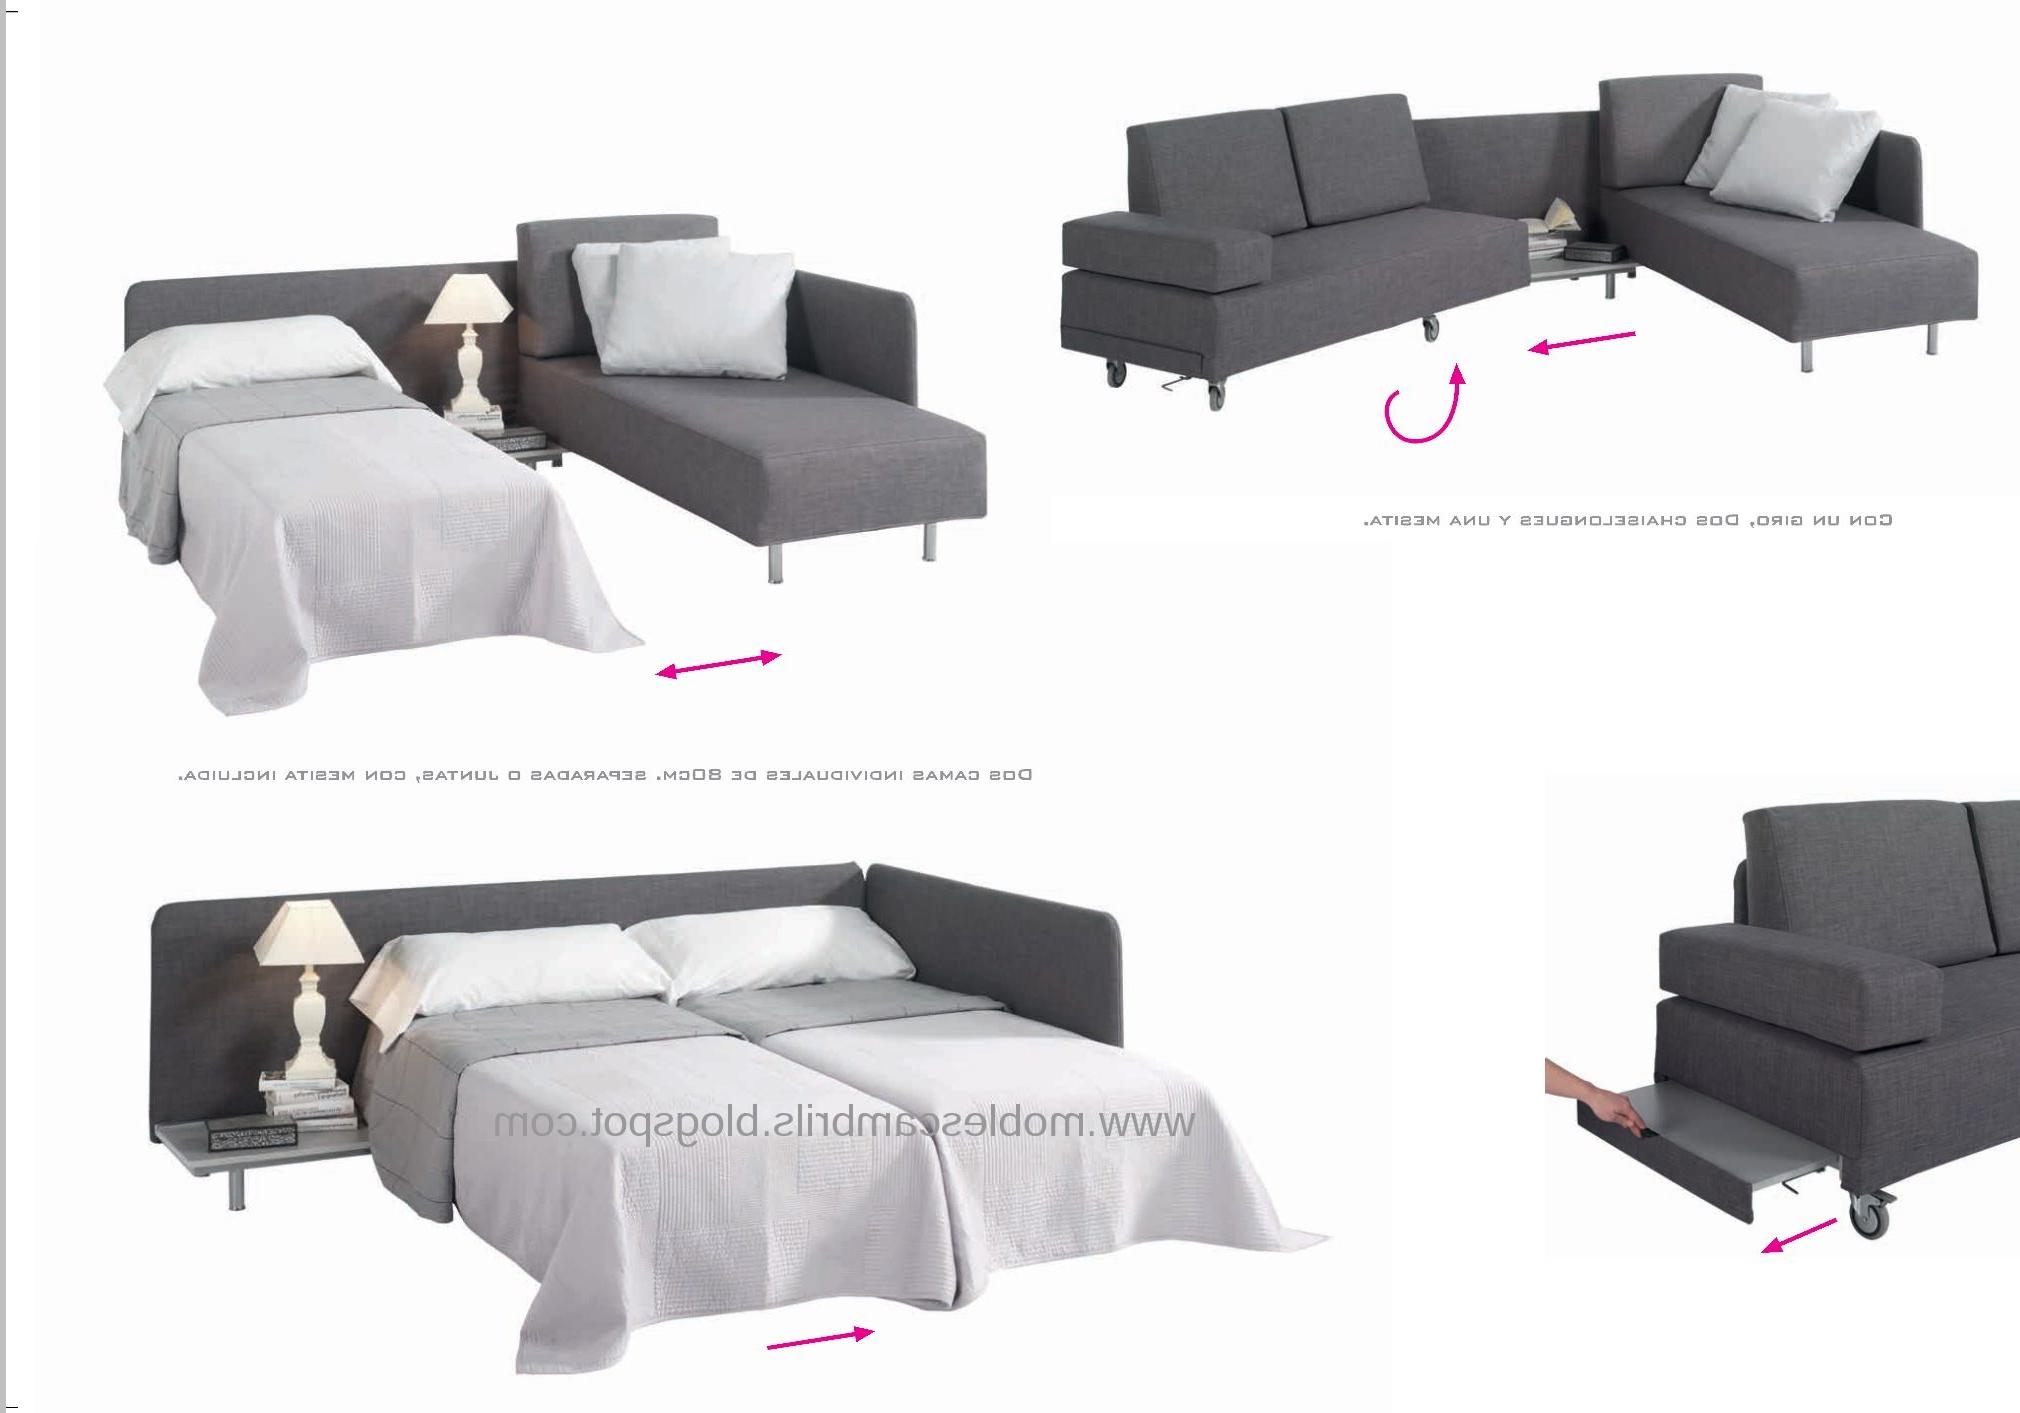 Sofas Cama Zarda Txdf sofa Cama Modelo Mateo De Zarda En Mobles Cambrils Tu